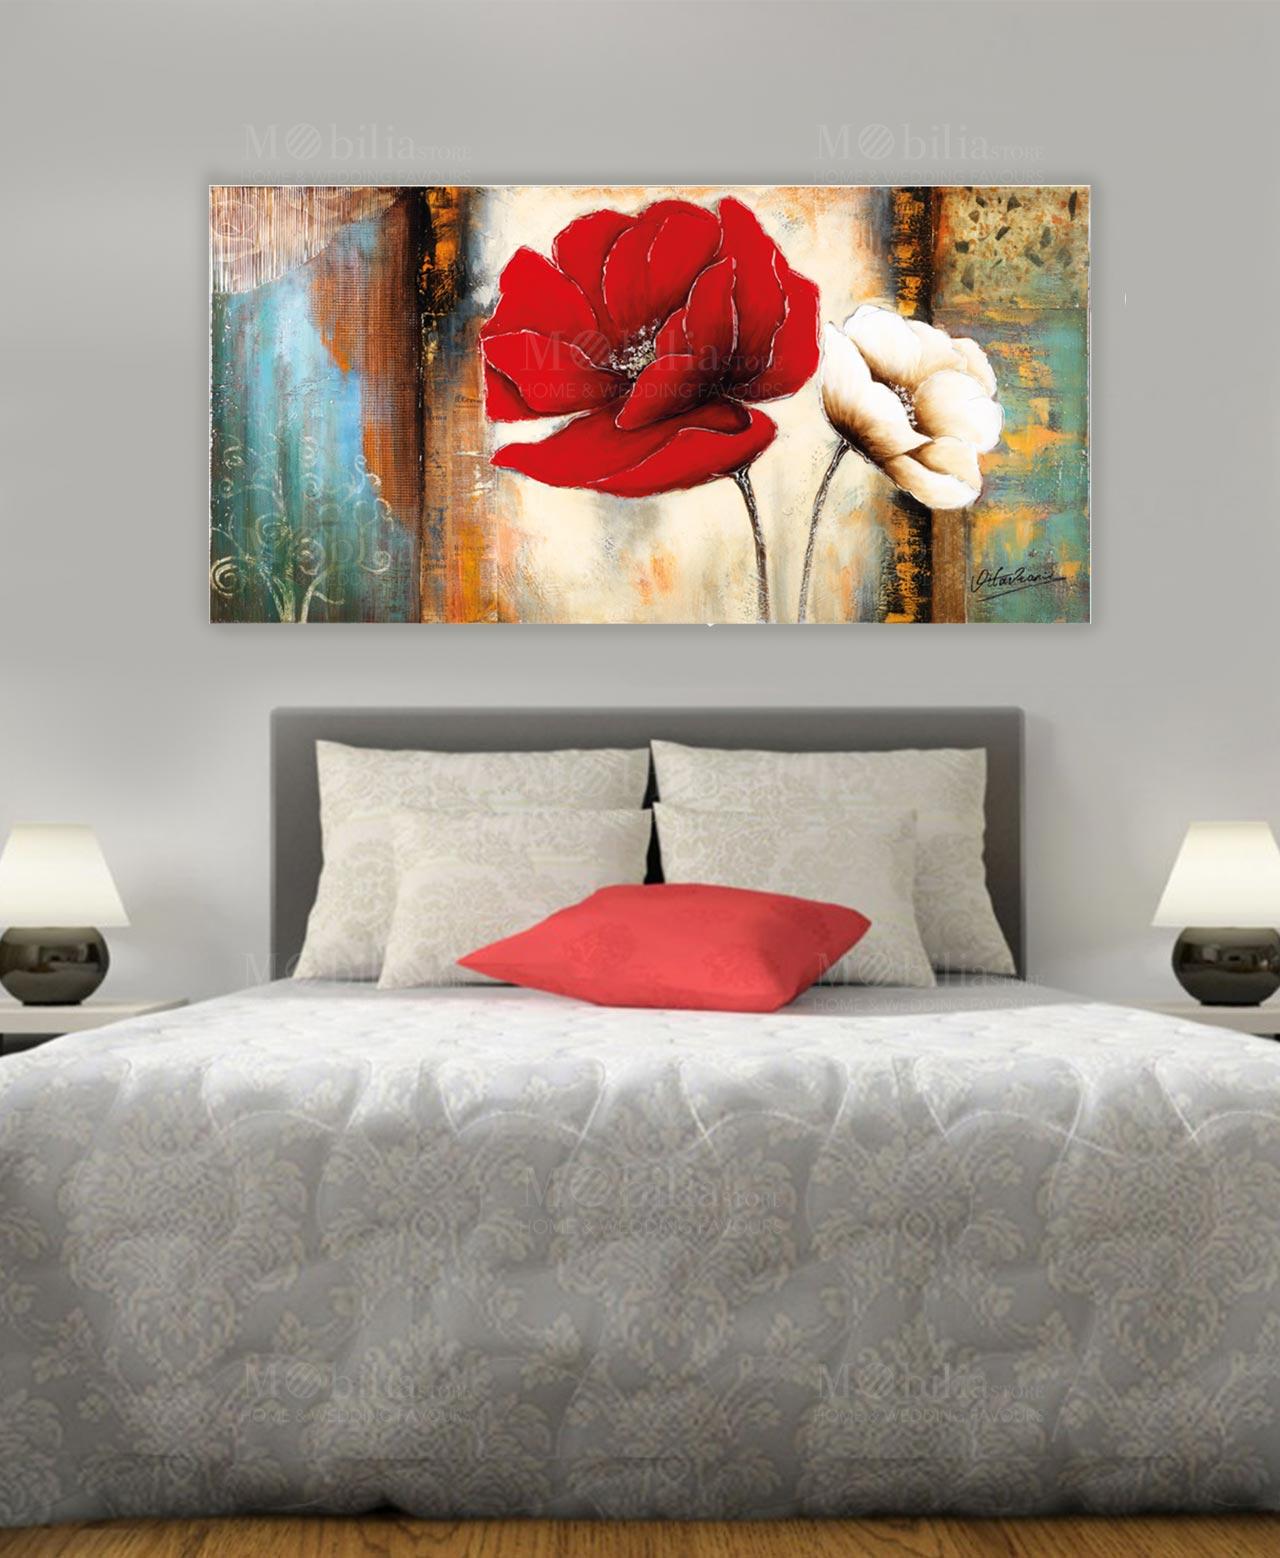 Quadro con fiori ottaviani mobilia store home favours for Mobilia ottaviano